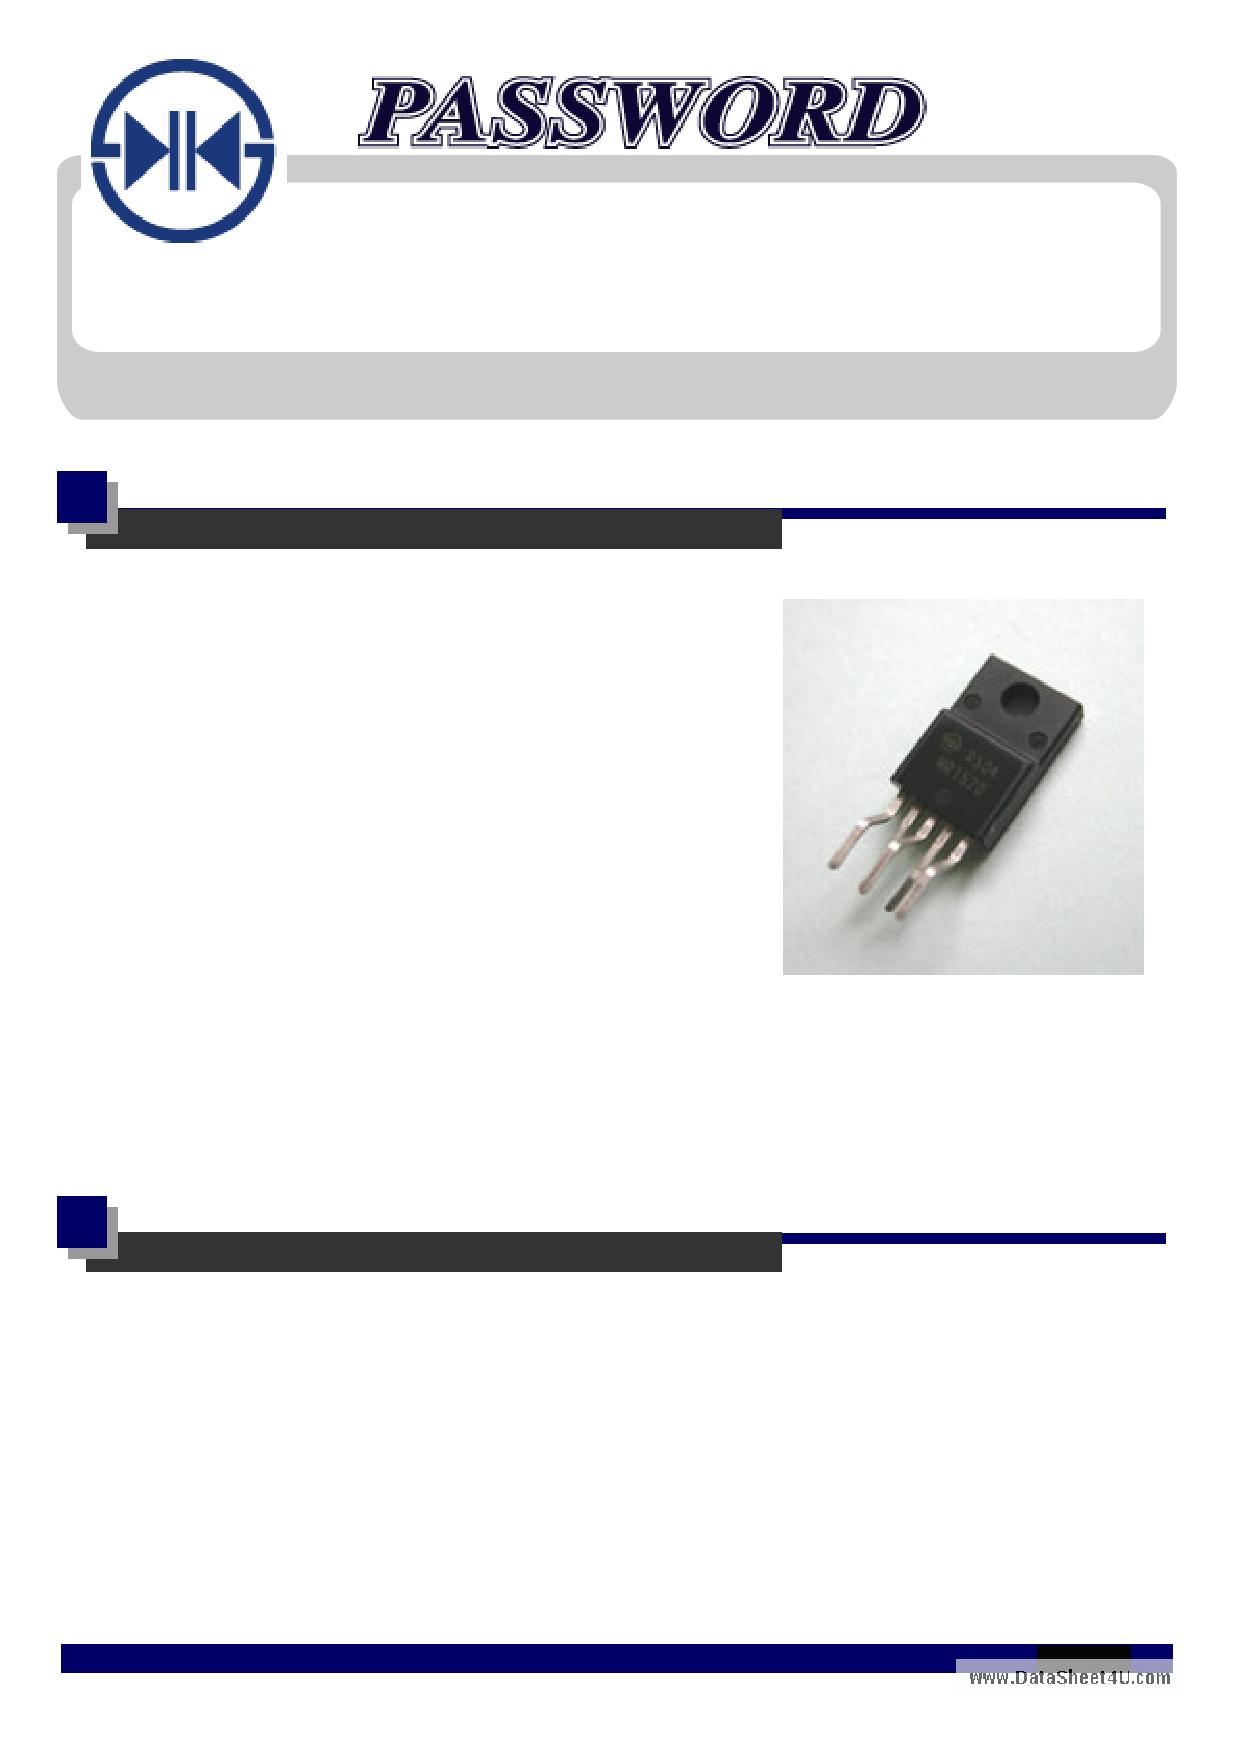 MR1721 datasheet